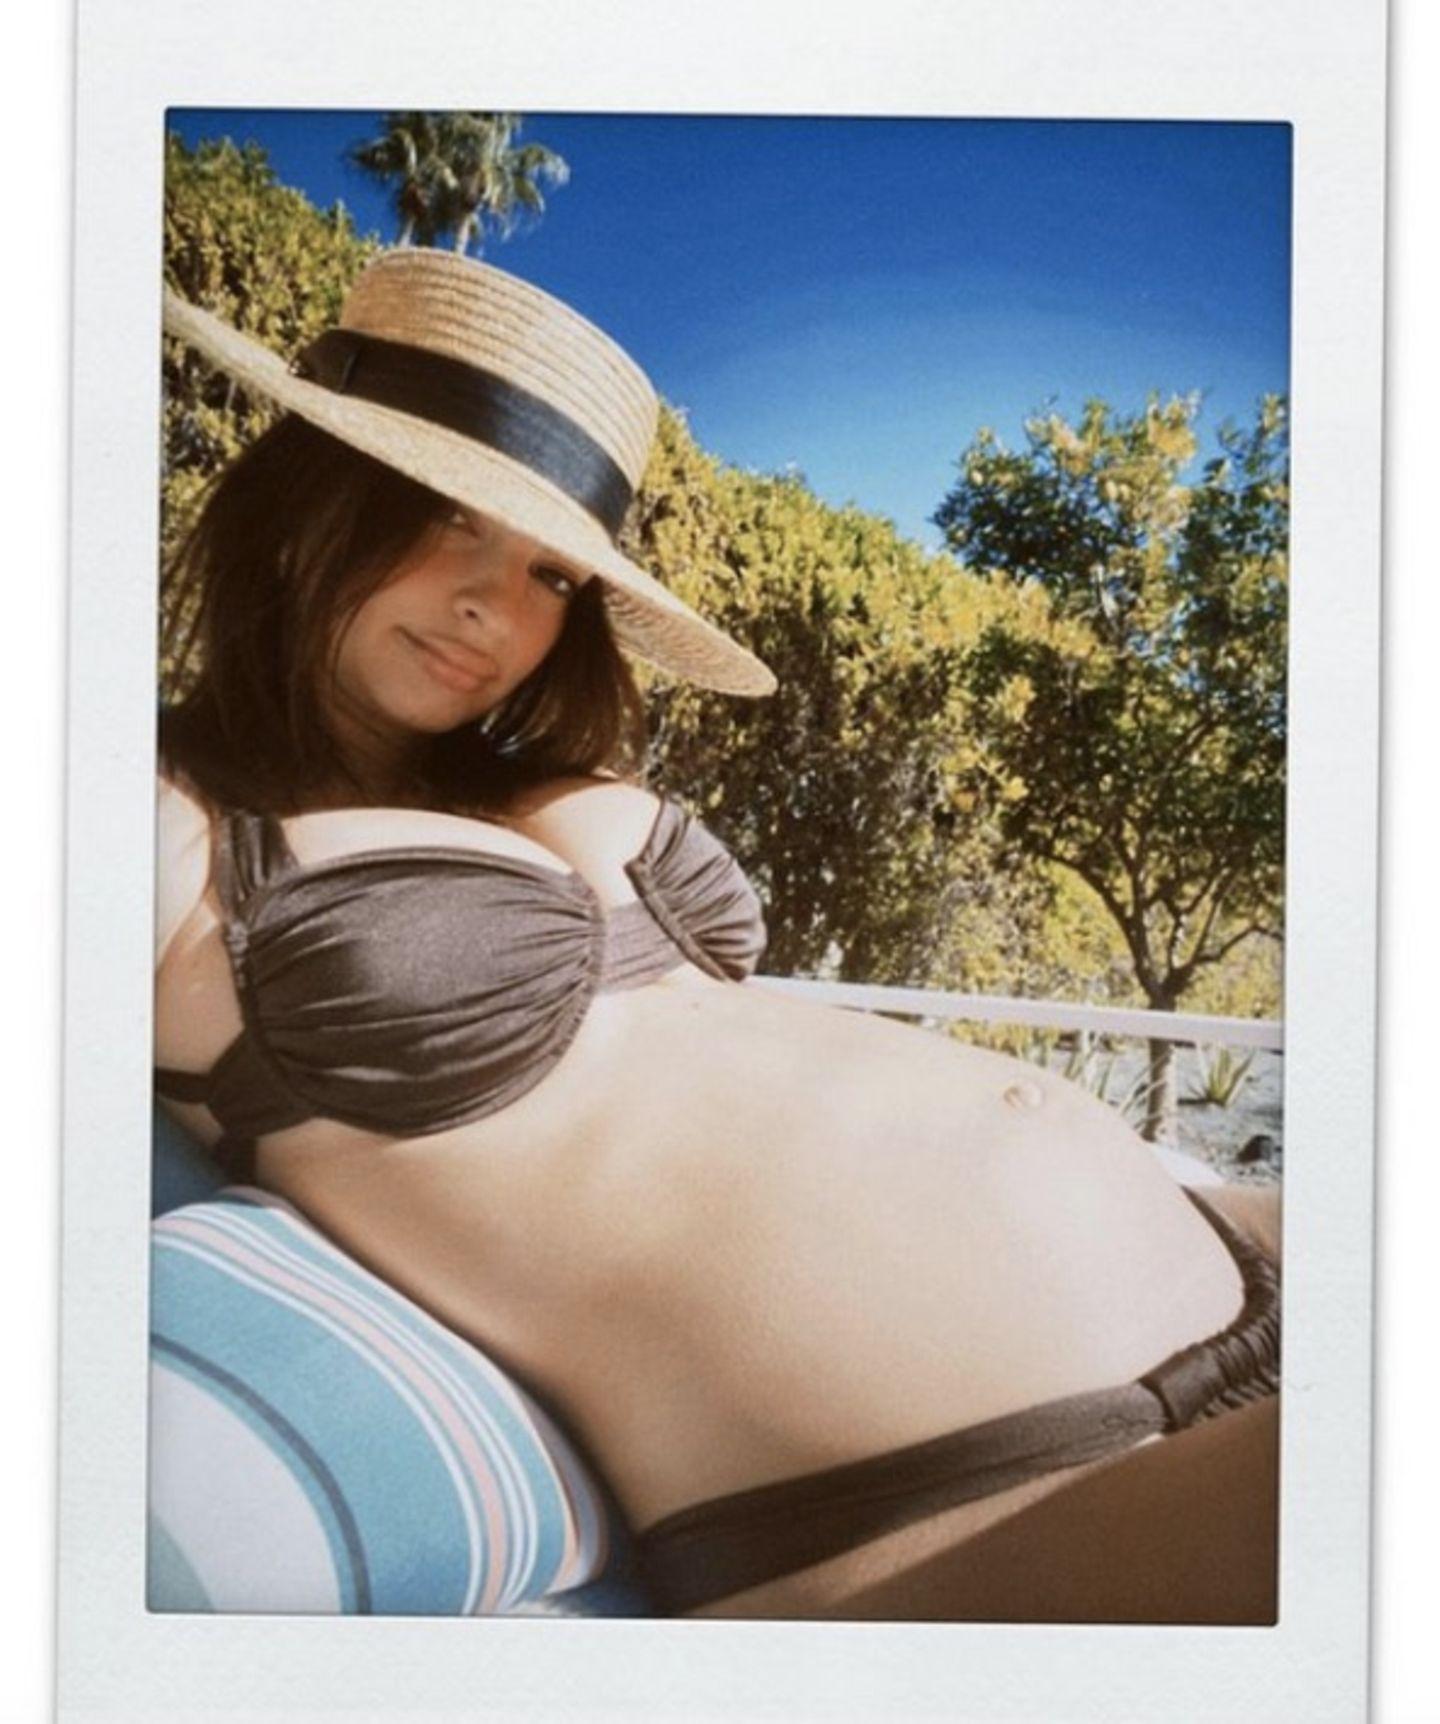 Freizügige Fotos während der Schwangerschaft sind wir bei Topmodel Emily Ratajkowski gewöhnt. Immer wieder setzt sie ihren Babybauch leicht bis gar nicht bekleidet in Szene. Und auch im neuen Jahr lässt es sich die werdende Mutter beim Sonnen im Bikini so richtig gut gehen. Der knappe Zweiteiler ist natürlich von ihrer eigenen Marke Inamorata und kostet schlappe 190 Euro. Wie lange es nach diesem Bild wohl dauern wird, bis das Modell ausverkauft ist?